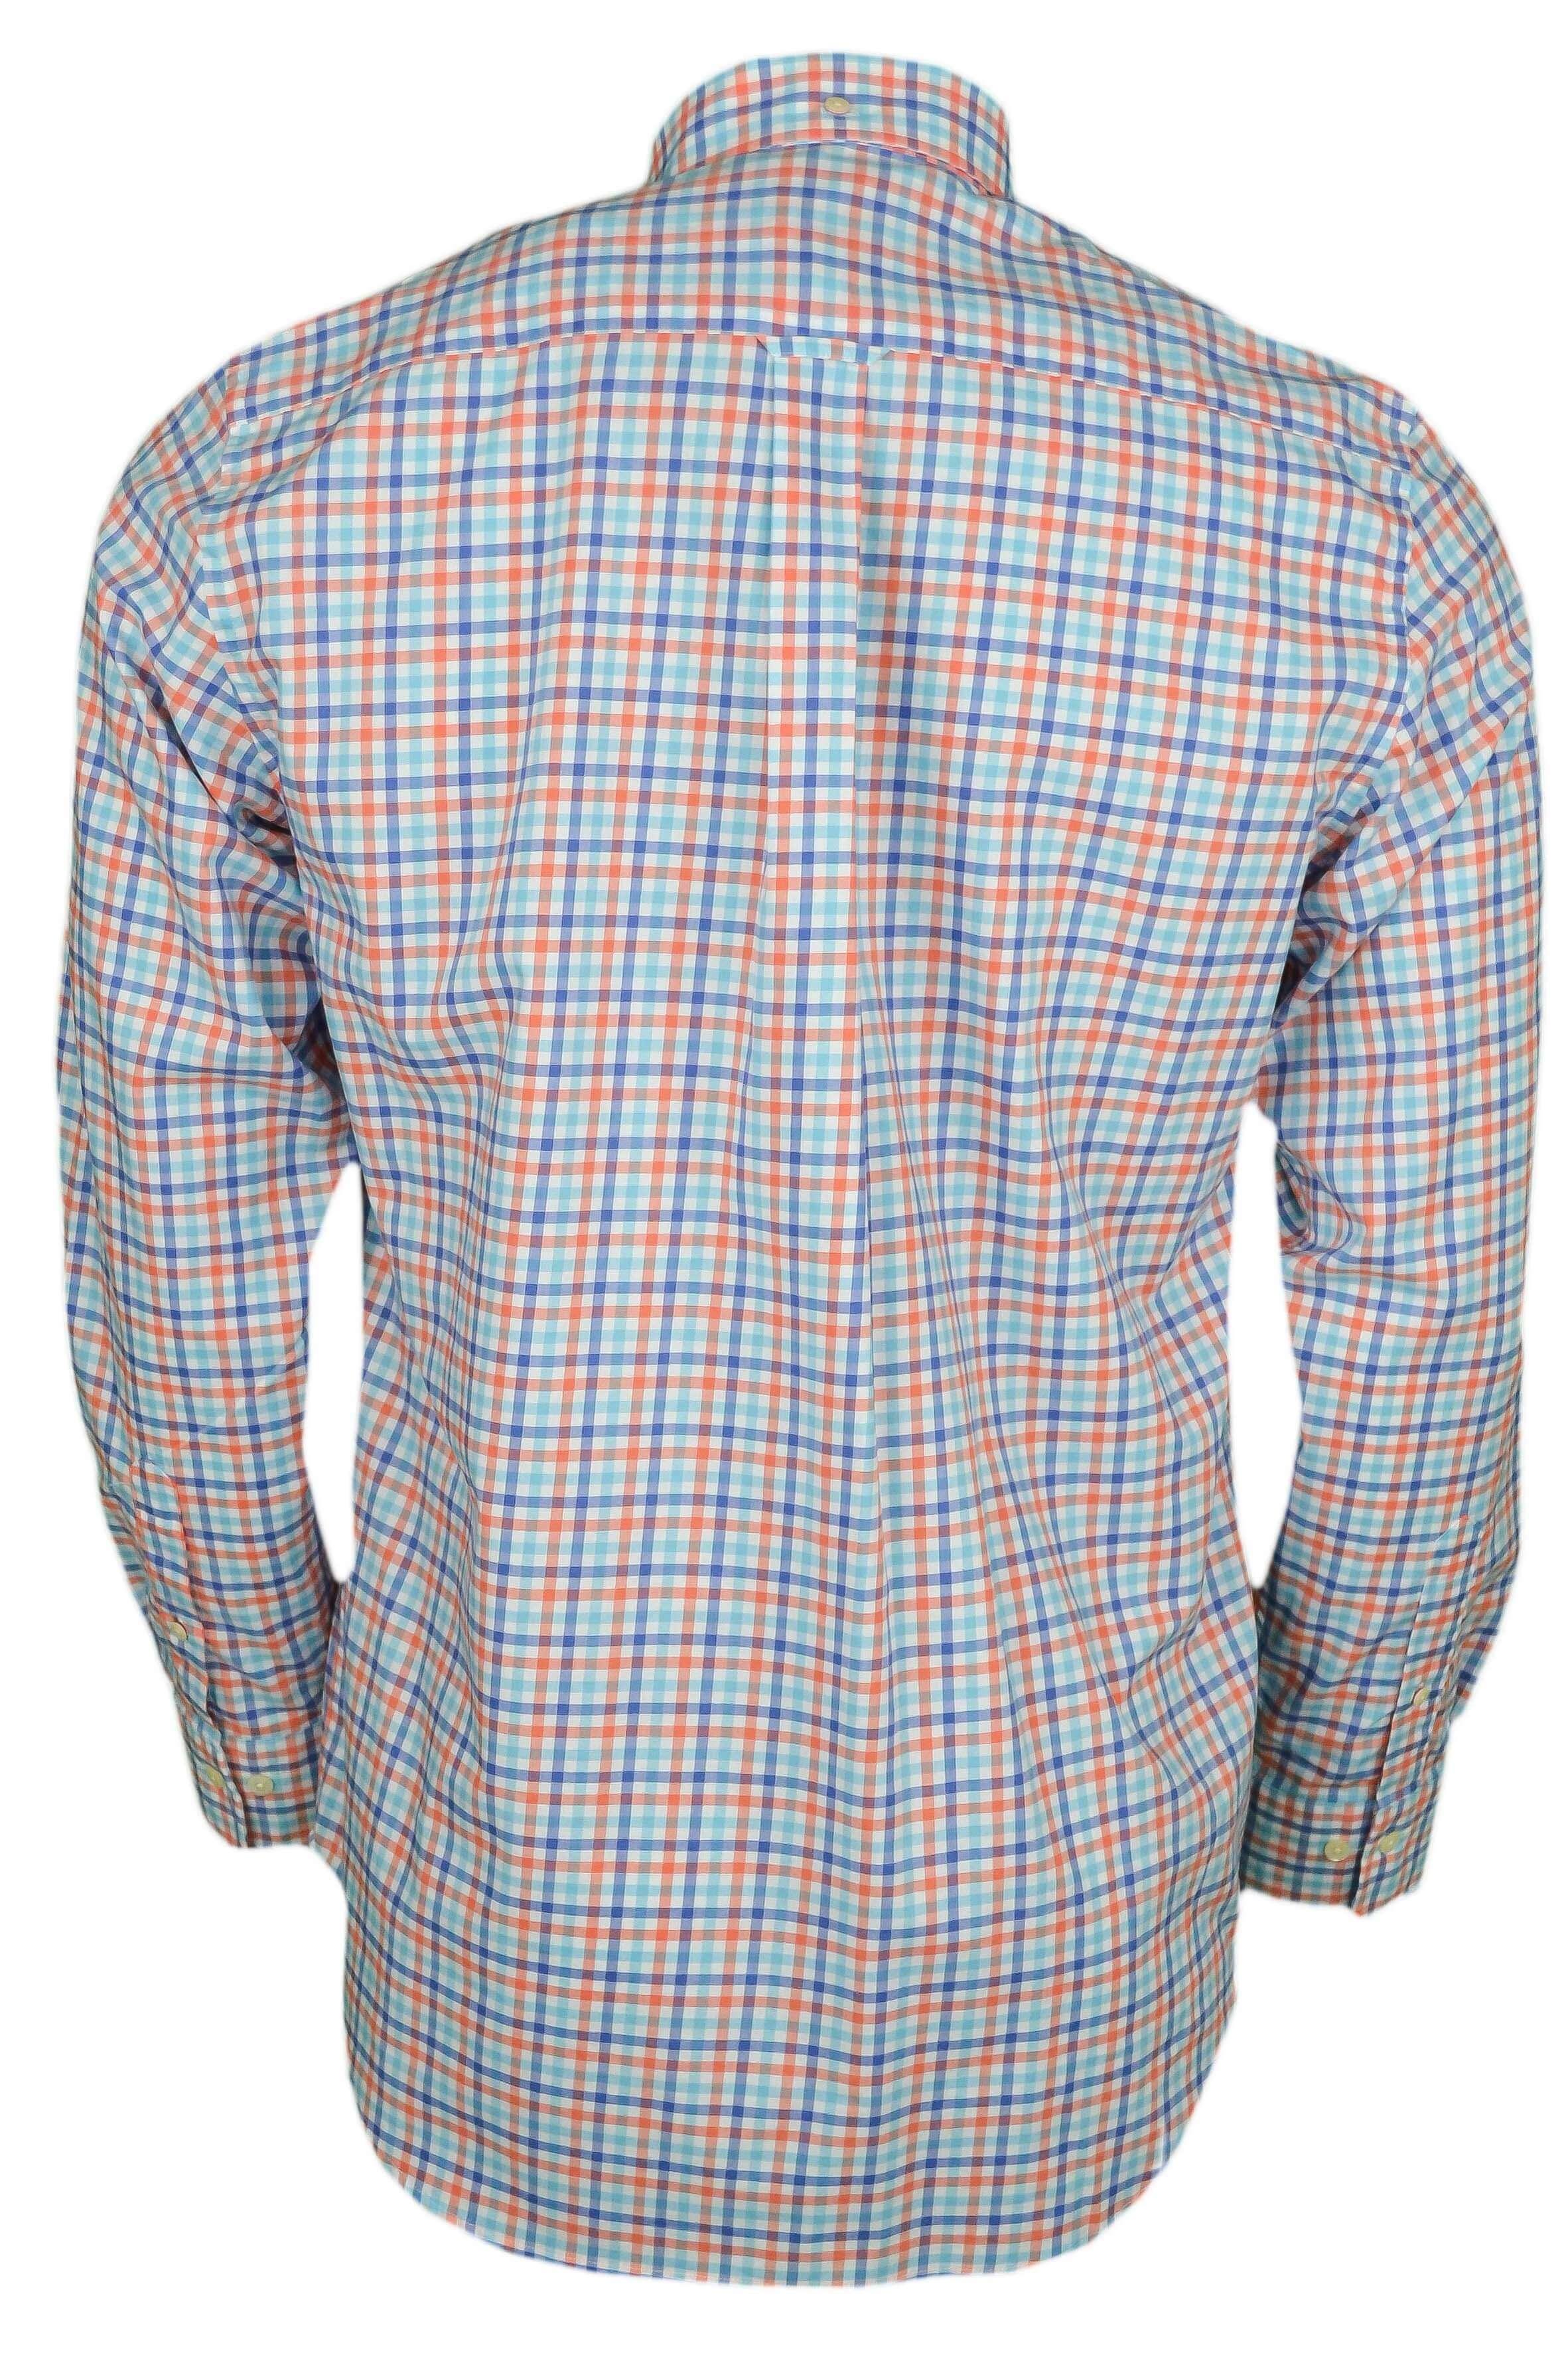 Chemise Gant à carreaux bleu et orange pour homme - Toujours au mei... 239a07004771